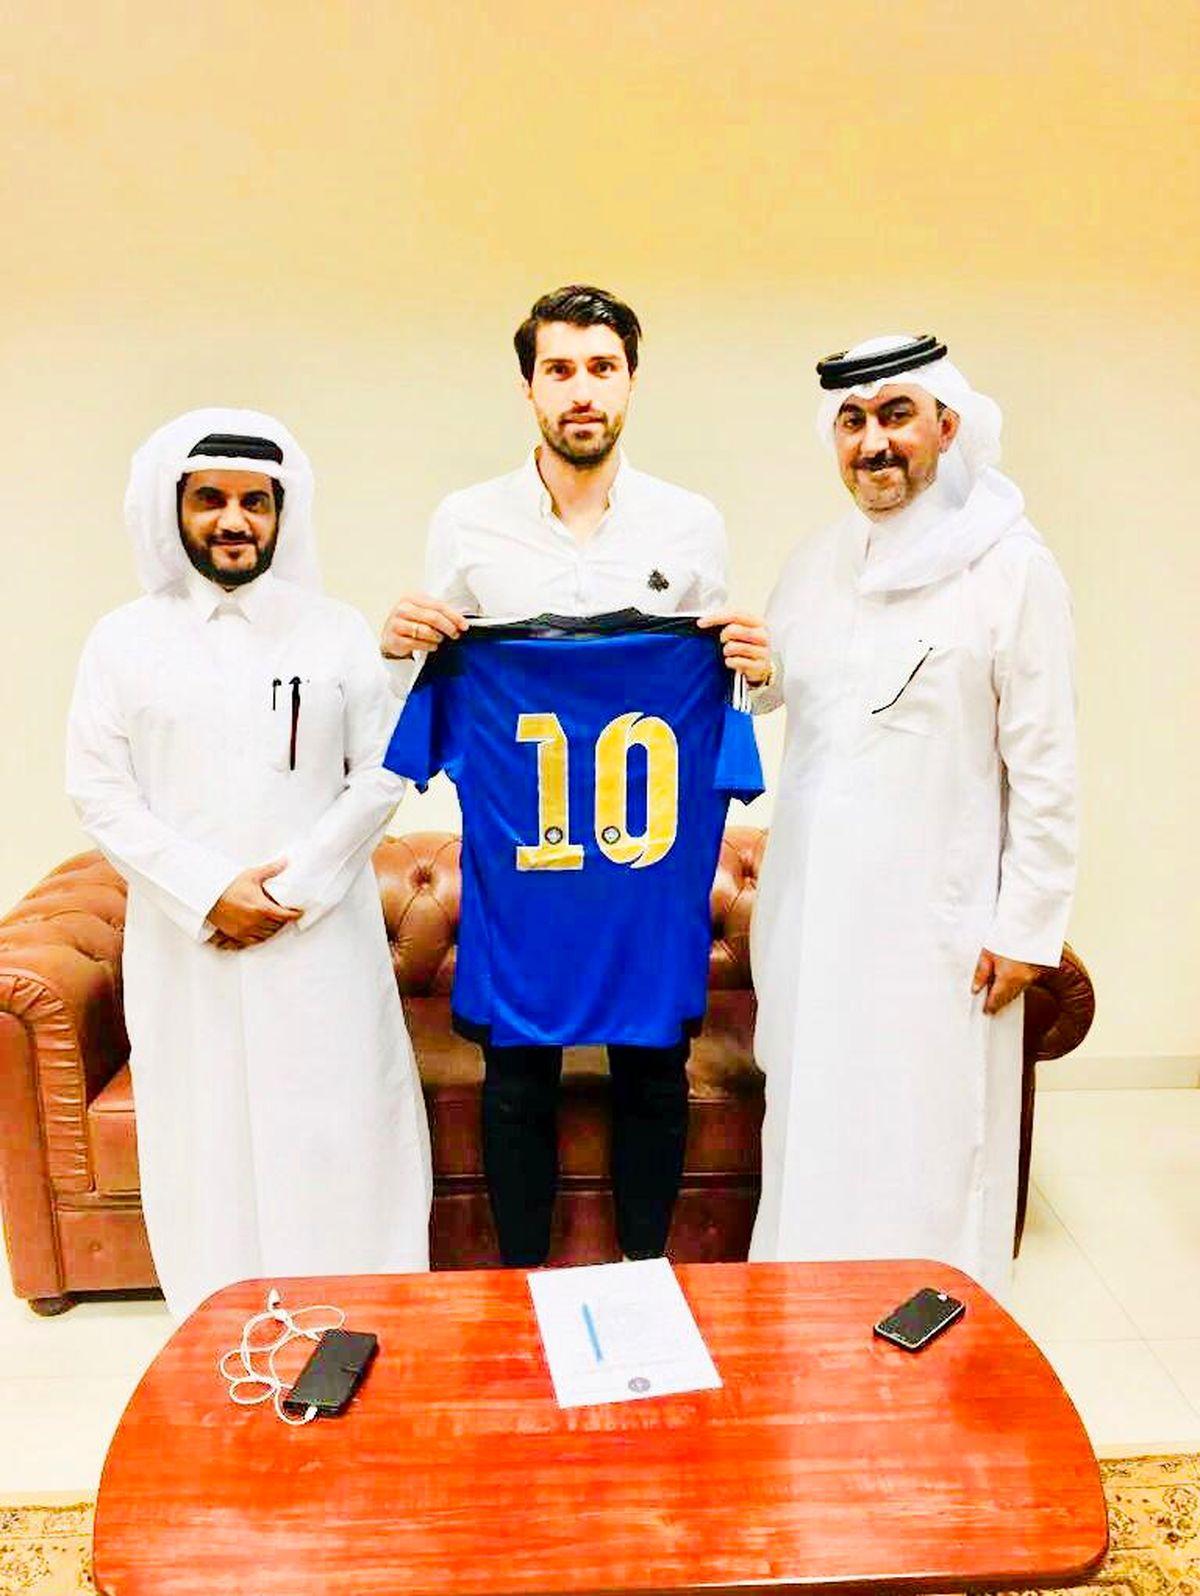 مهاجم پرسپولیسی تیم ملی به قطر رفت + عکس